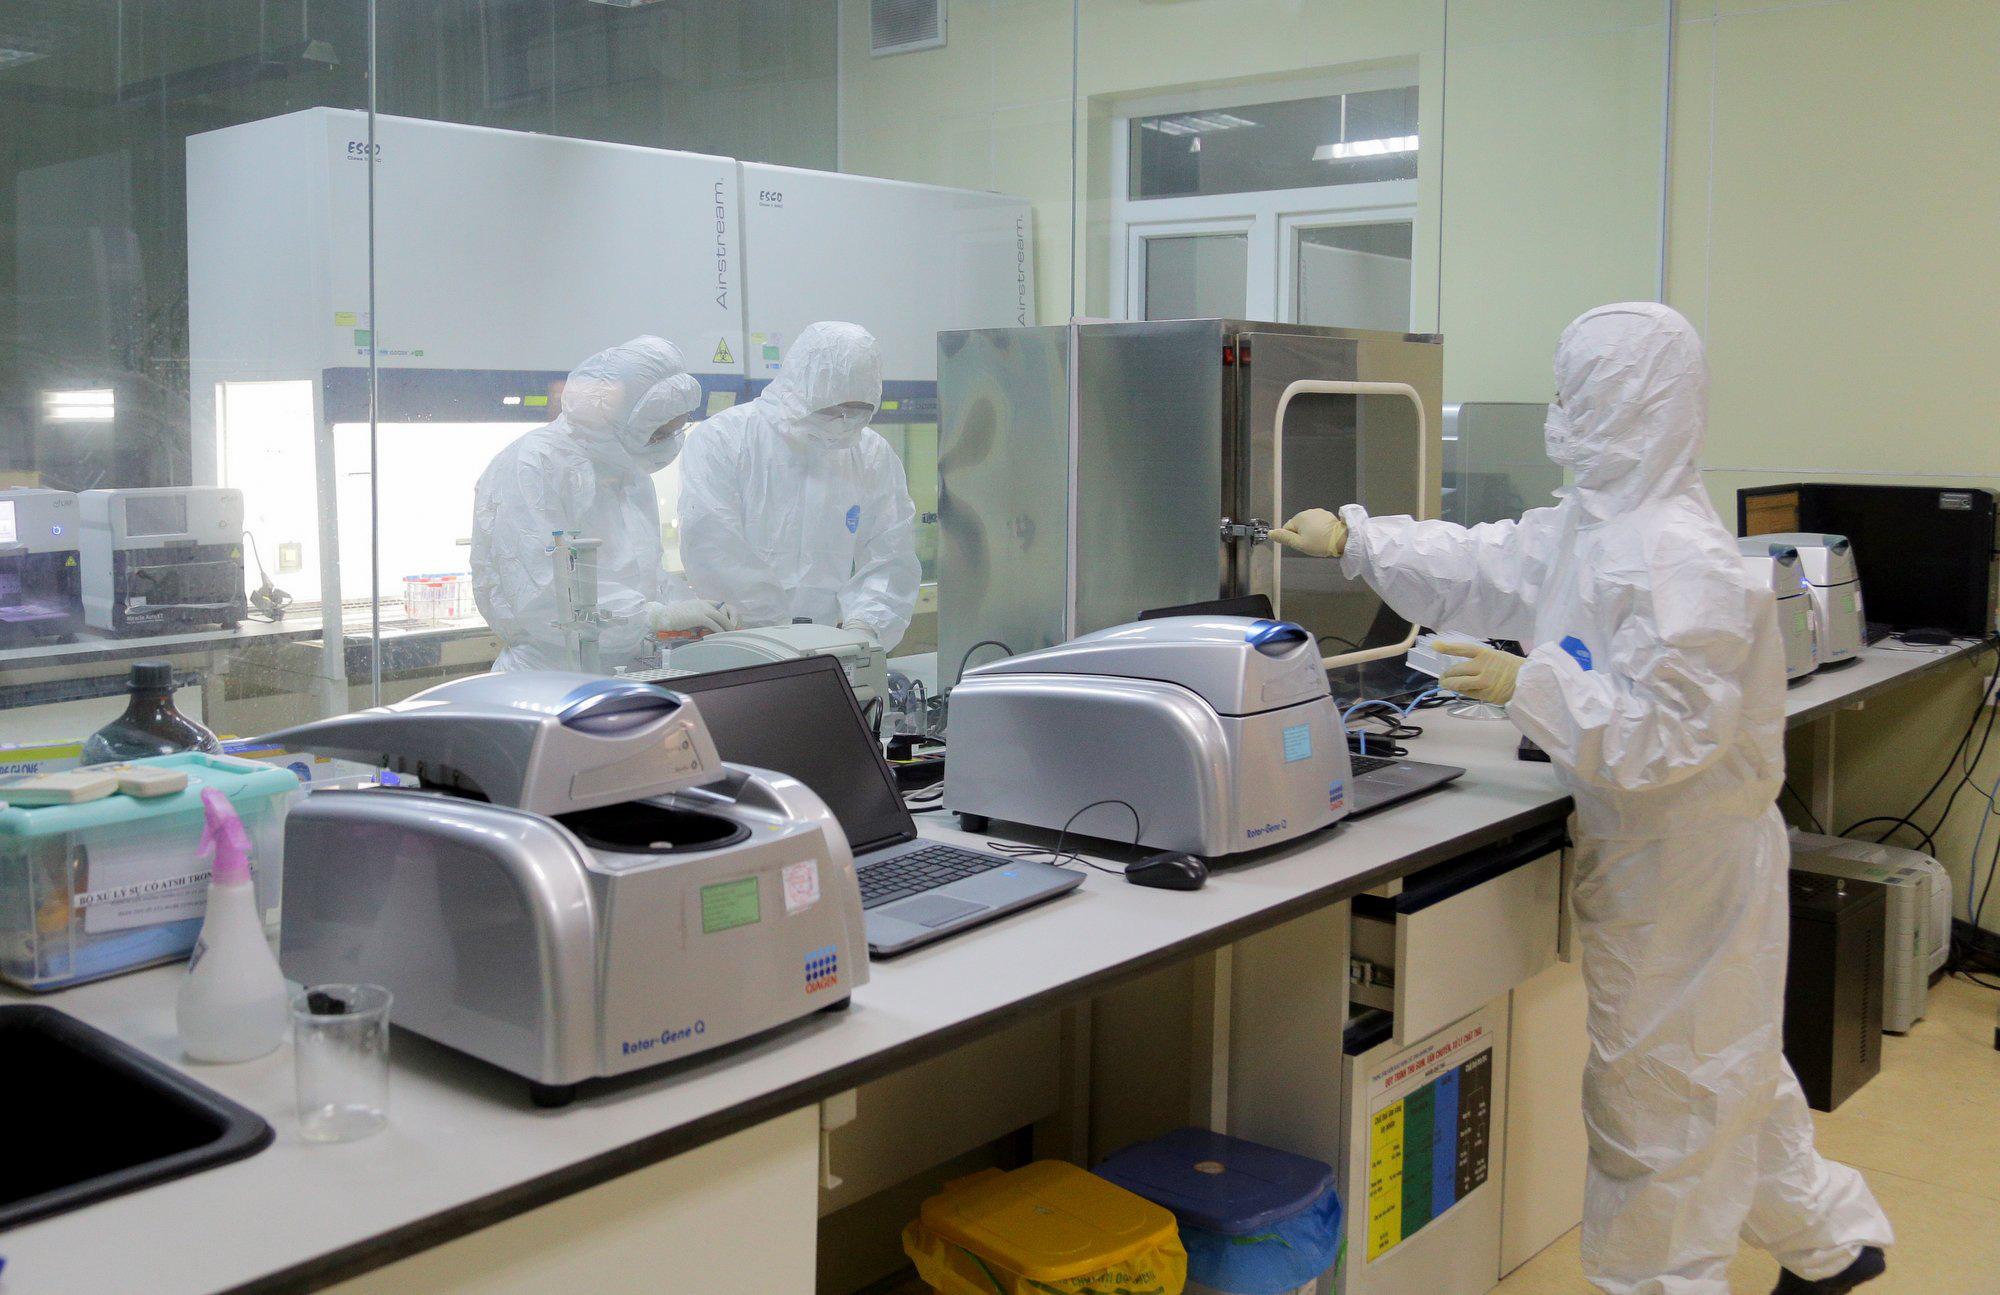 Sáng ngày 8/2 Quảng Ninh ghi nhận thêm 3 trường hợp mắc COVID-19 - Ảnh 1.